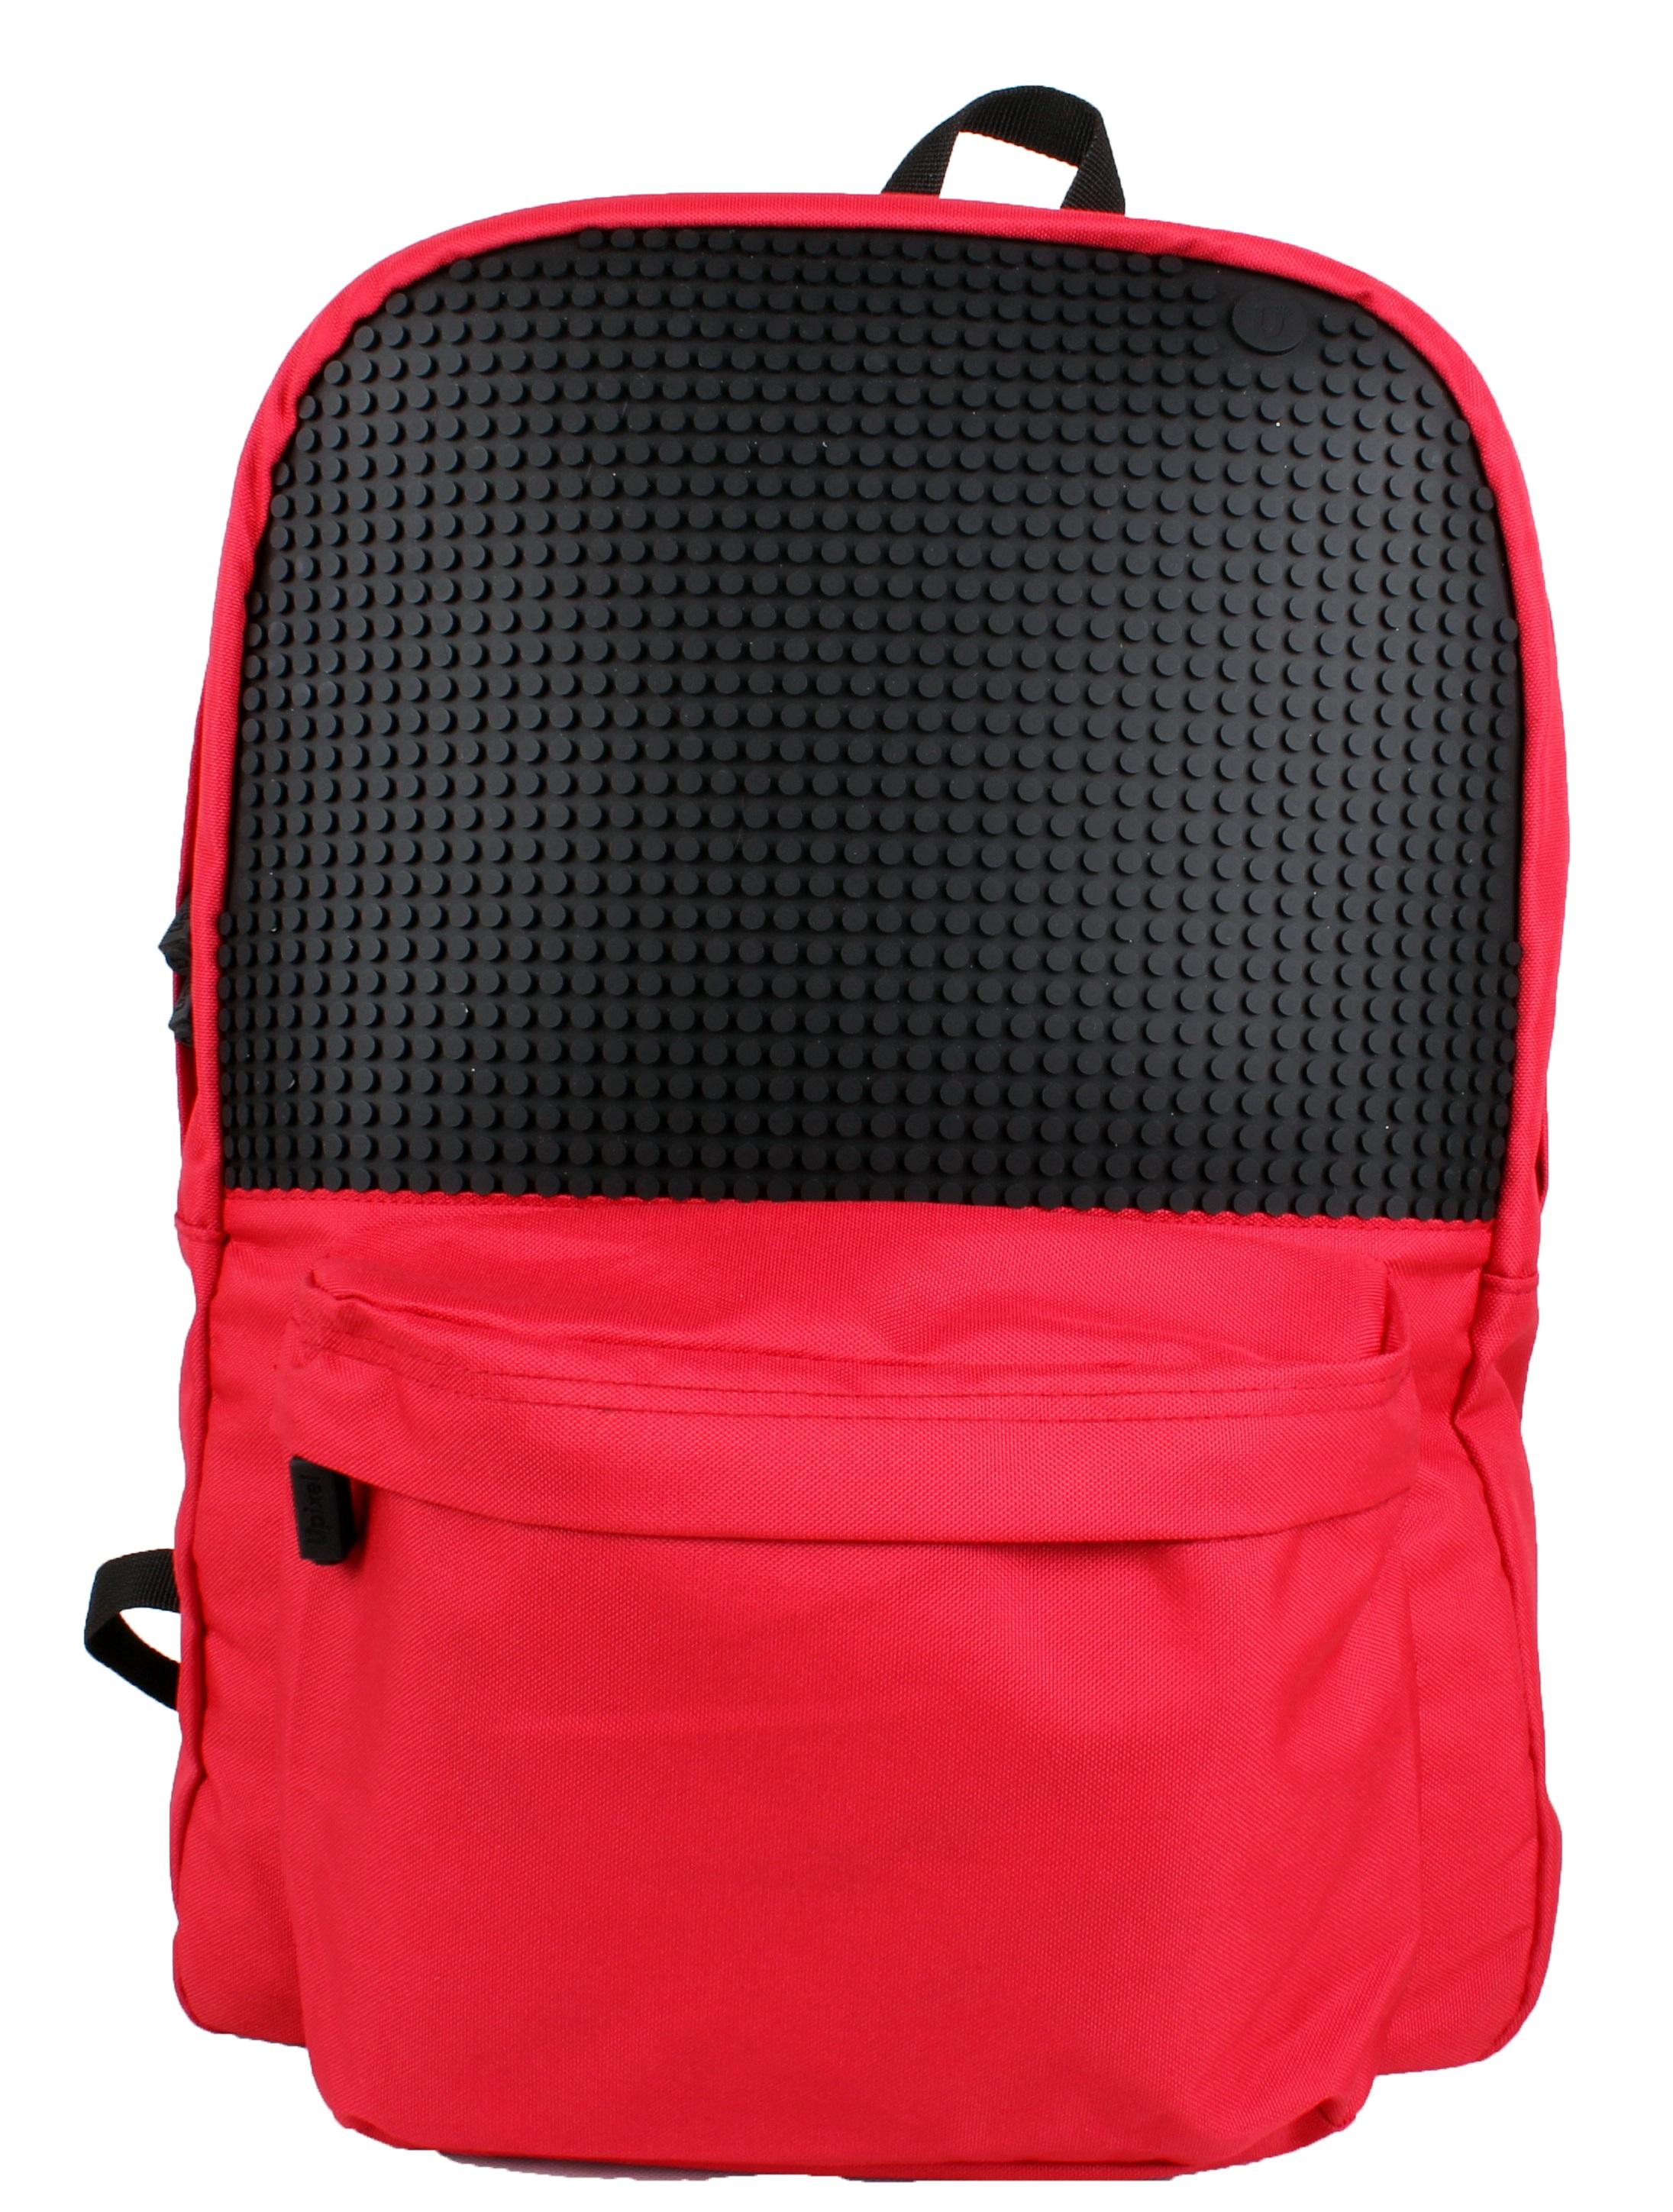 Классический школьный пиксельный рюкзак (Classic school pixel backpack) WY-A013 (Красный)Представляем вашему вниманию классический школьный пиксельный рюкзак (Classic school pixel backpack) WY-A013, имеющий силиконовую панель, на которой с помощью «пикселей» в виде мозаики выкладывается абсолютно любой рисунок.<br>